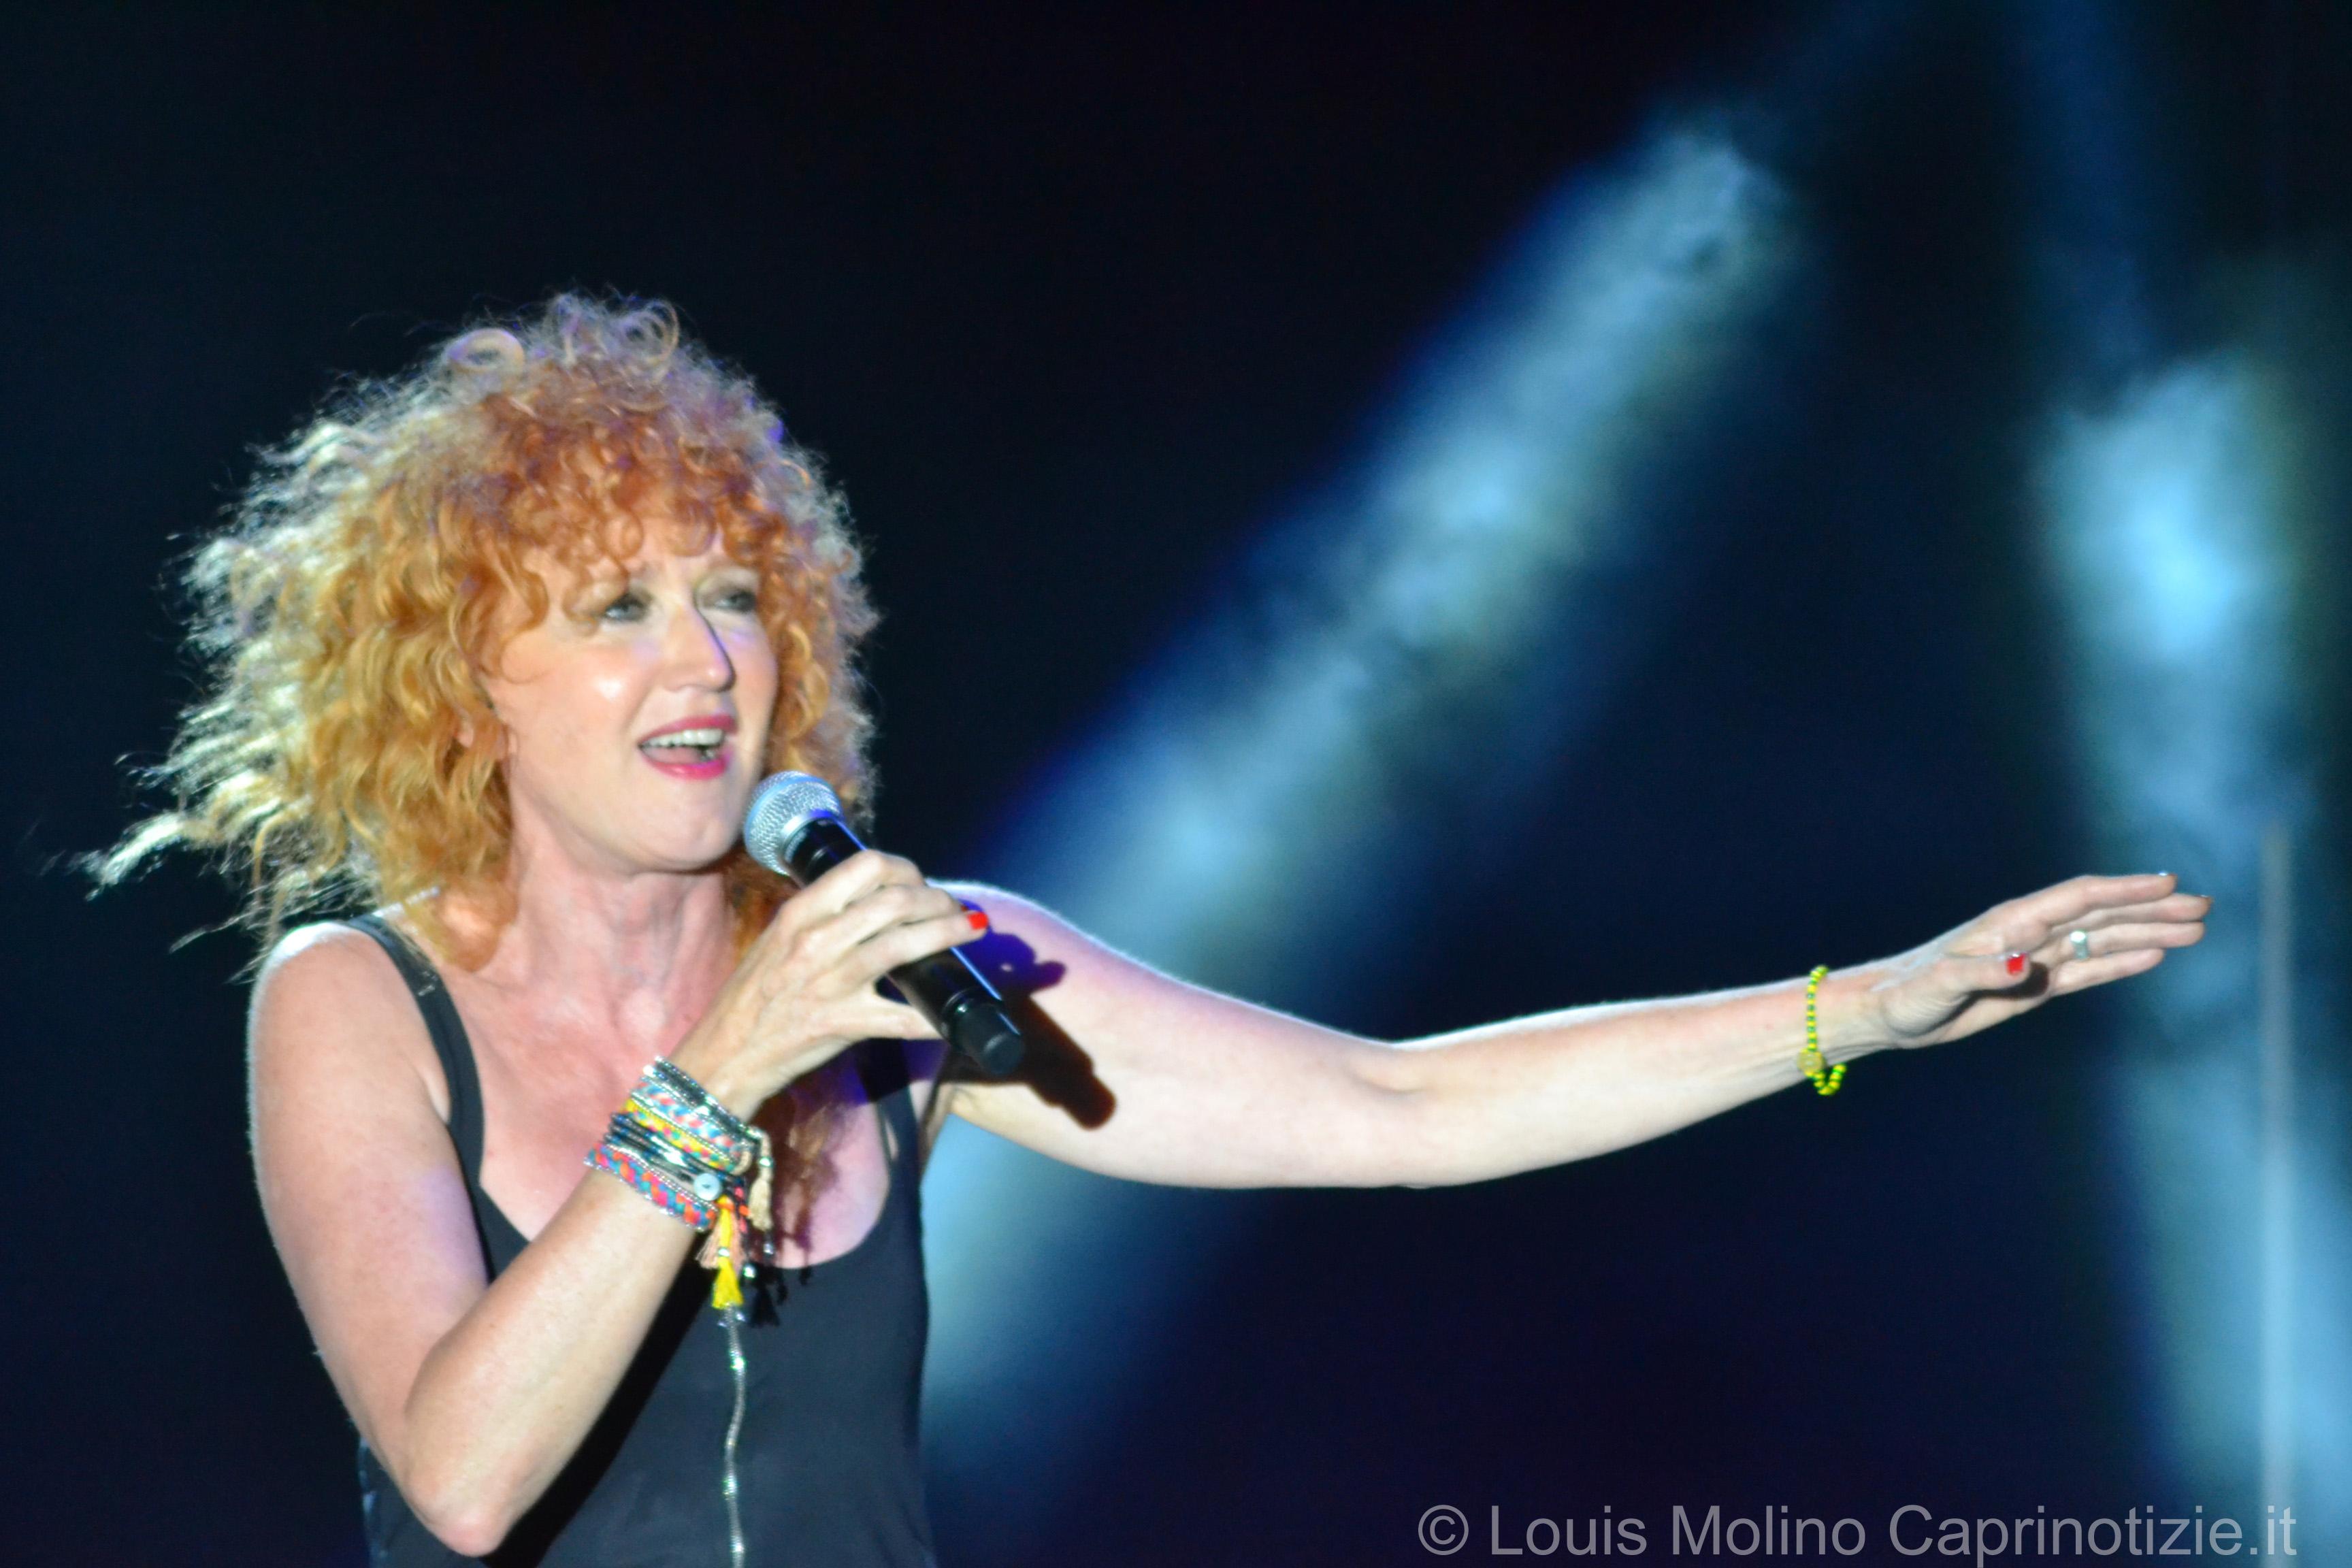 Fiorella Mannoia emoziona Capri, le foto del concerto